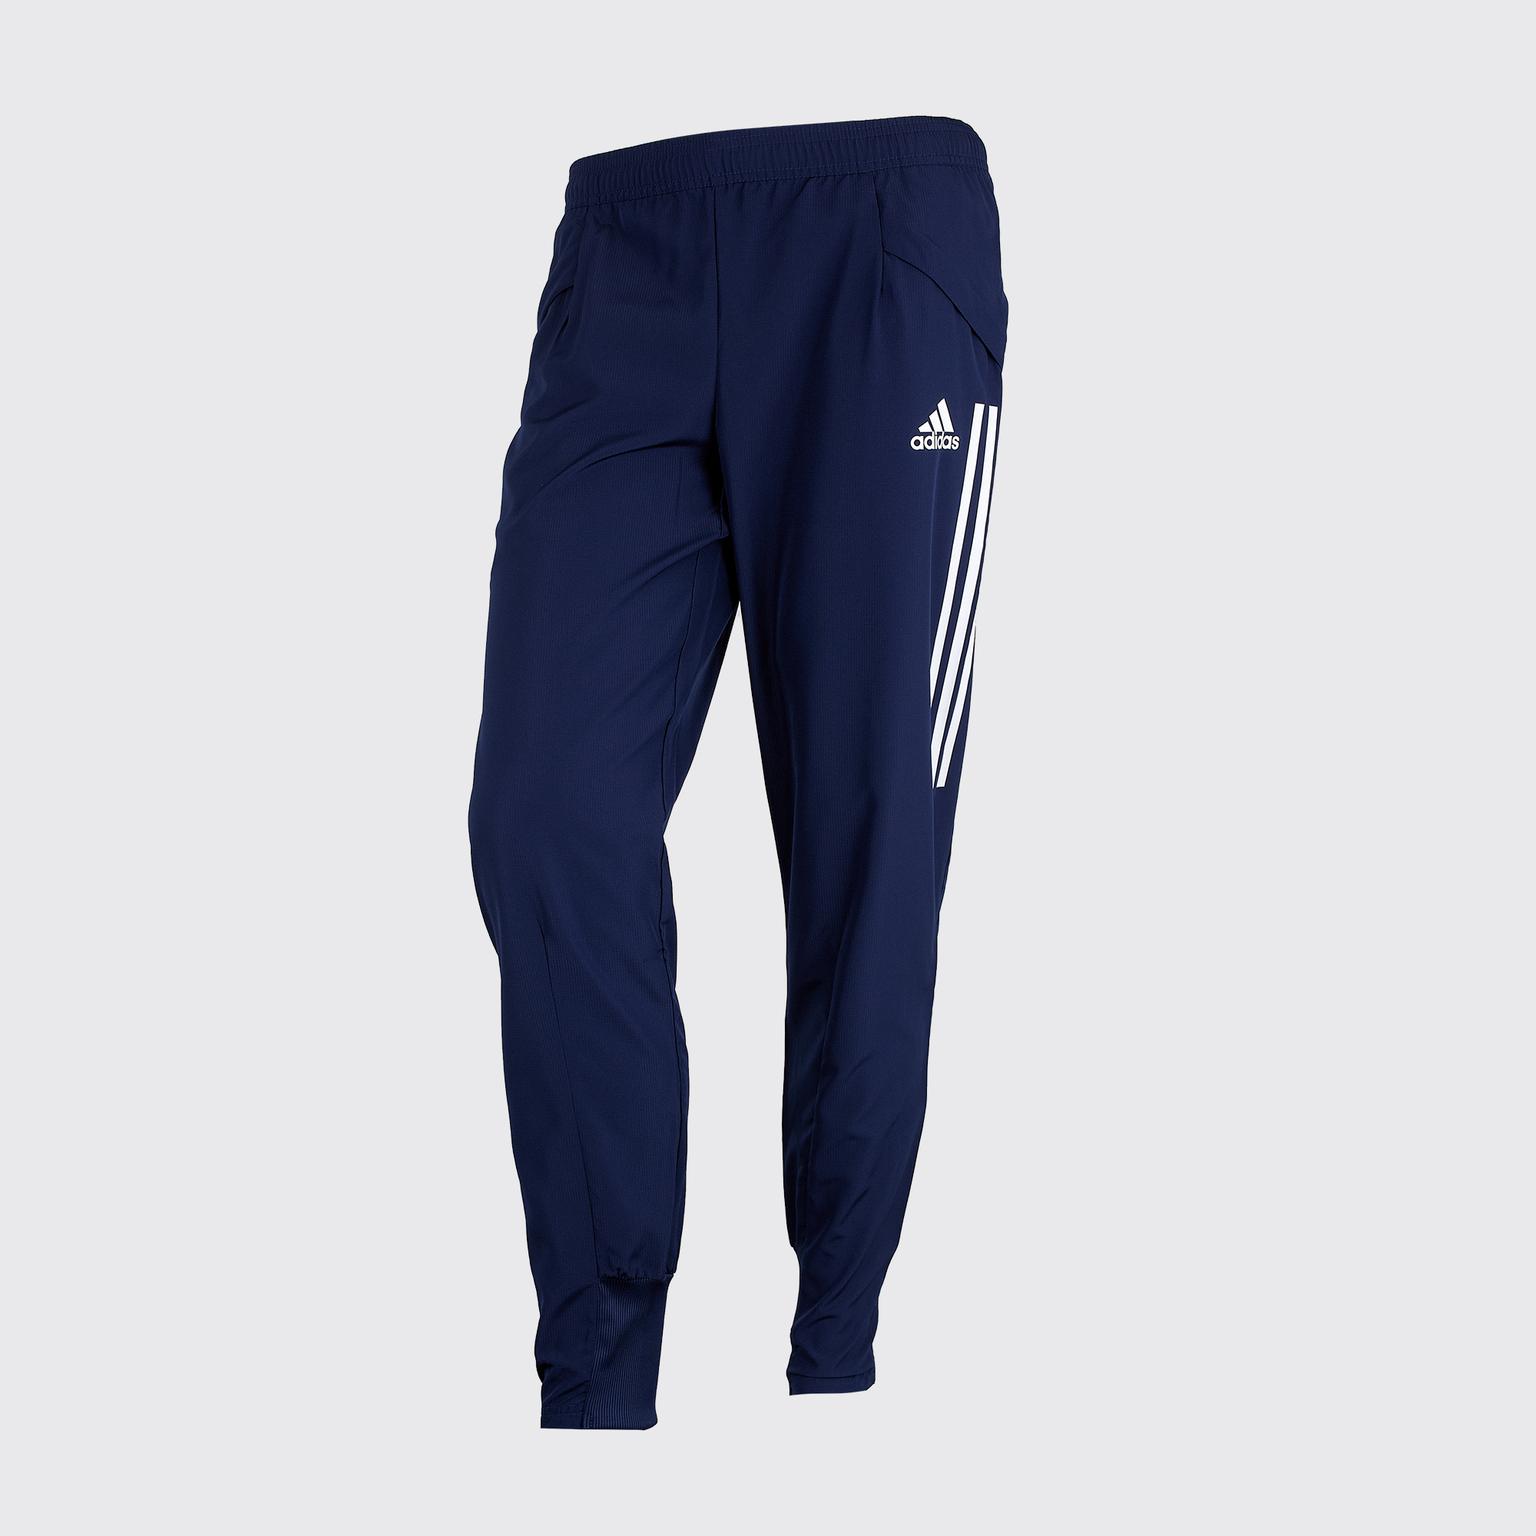 Брюки тренировочные Adidas Con20 Pre Pant ED9238 цена